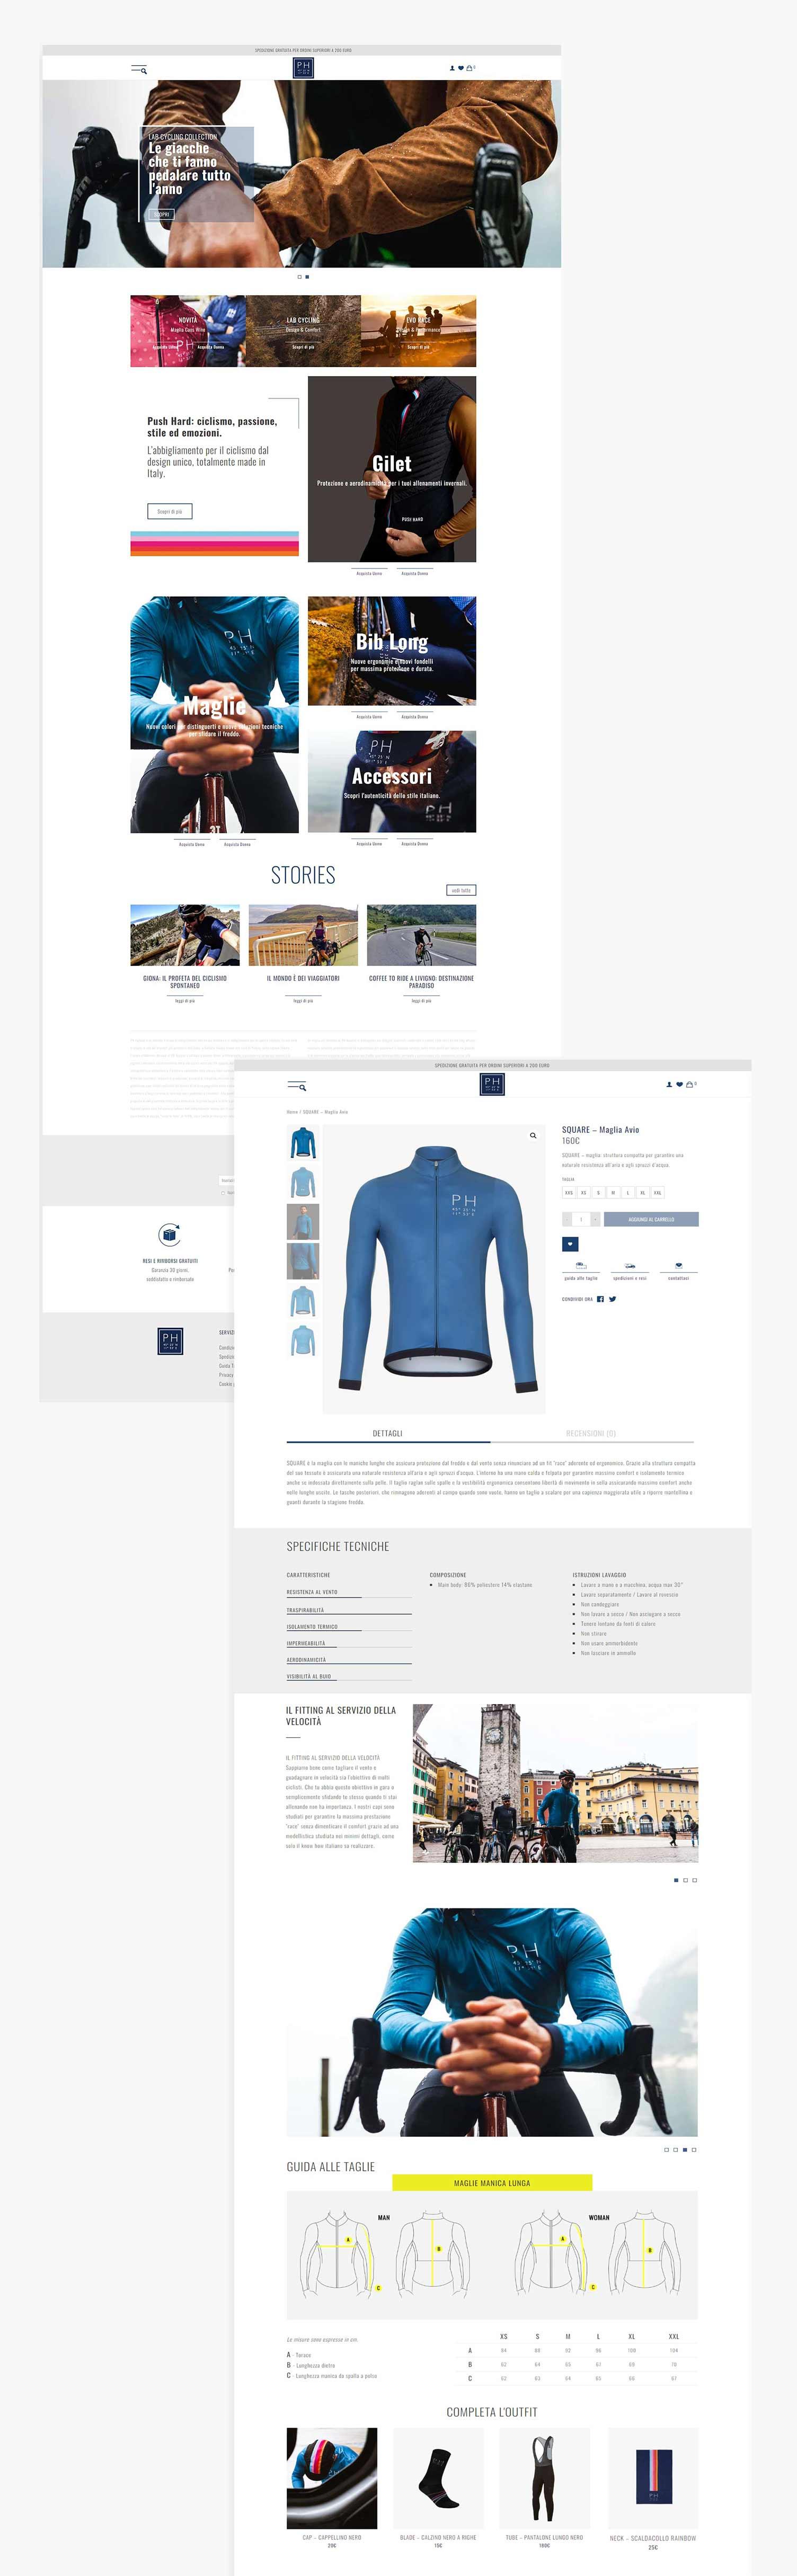 pH_scheda-dettaglio-homepage